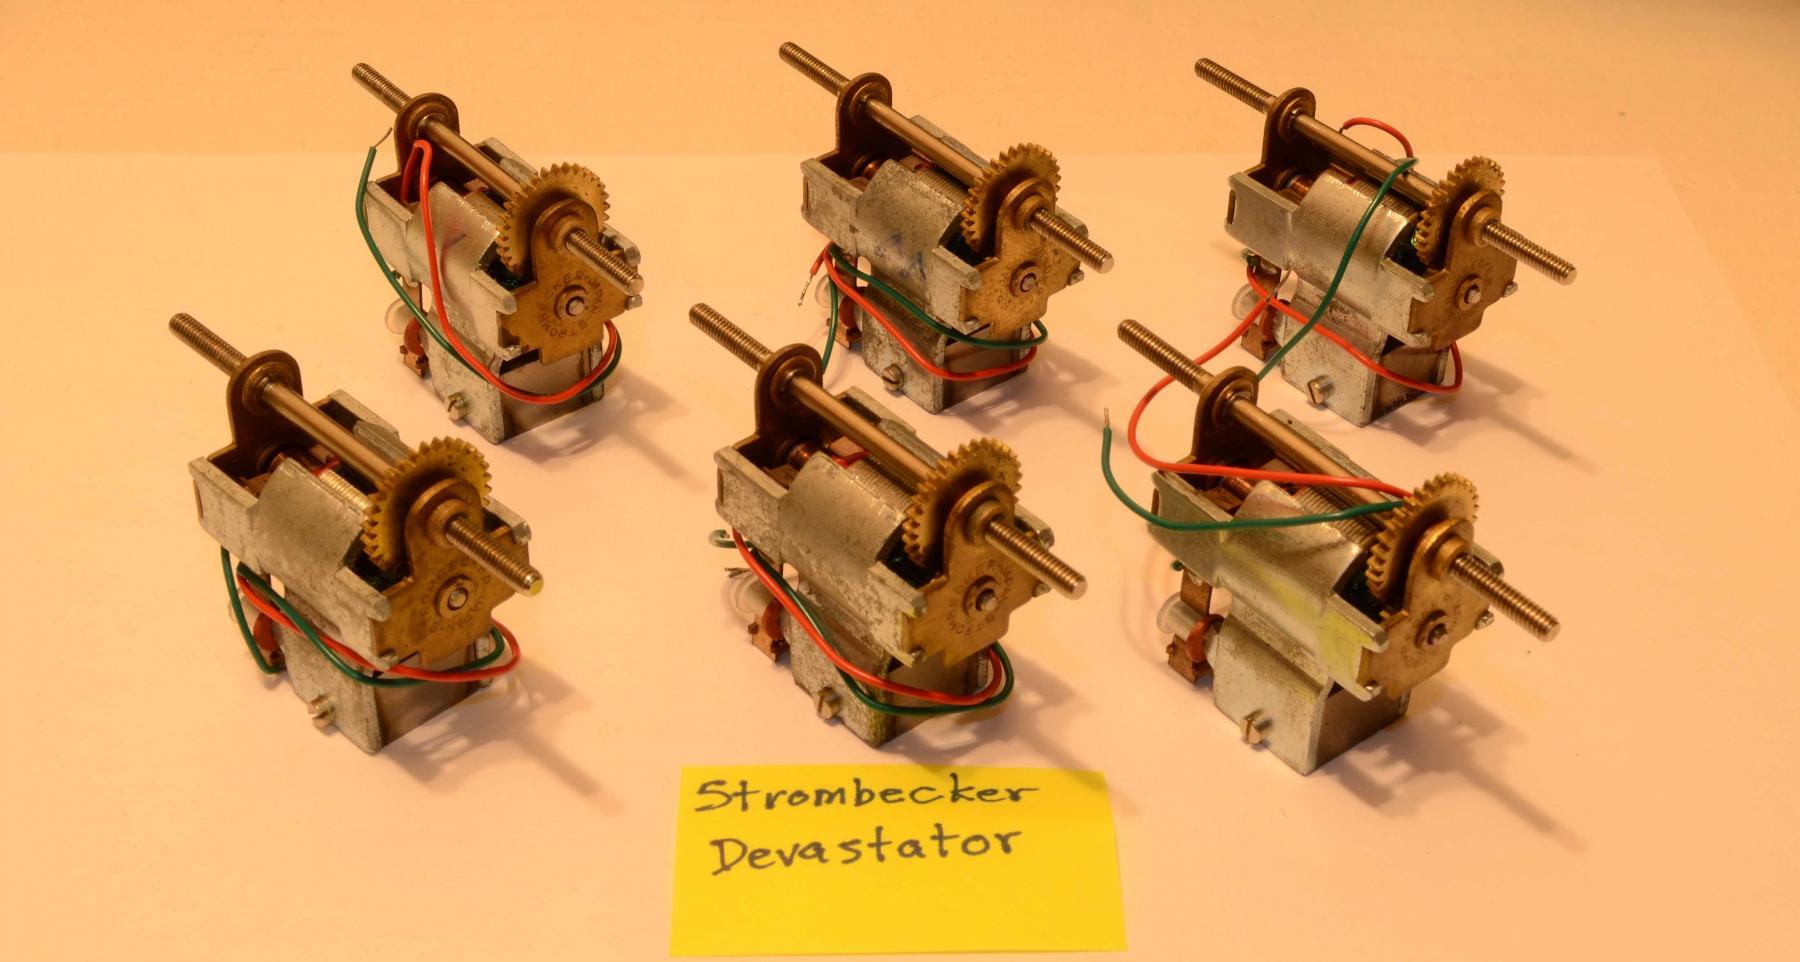 DSC_0433_Strombecker Devastator (six - back).jpg